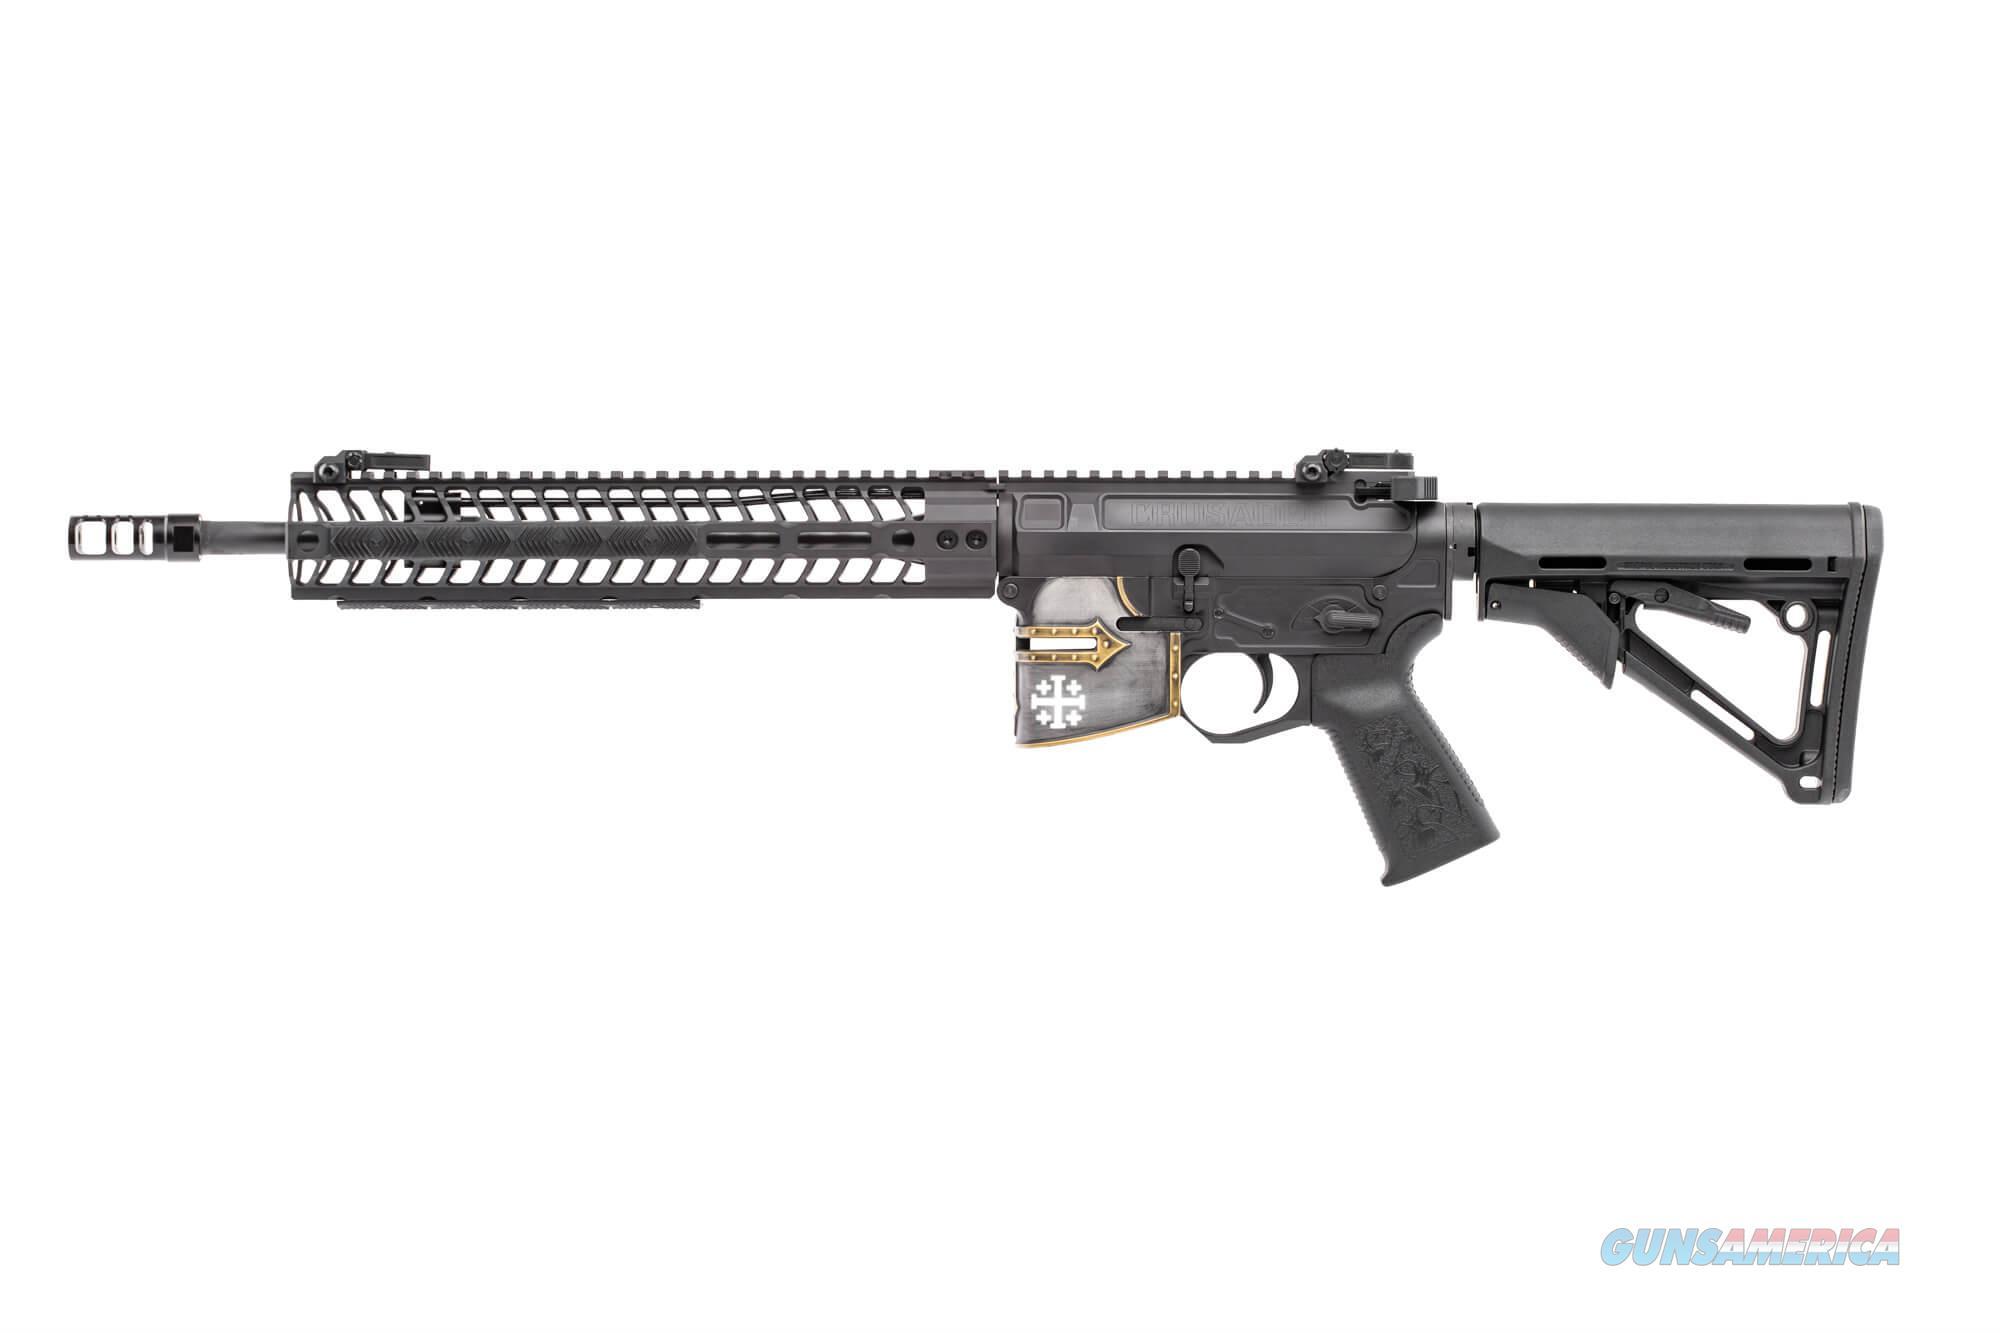 """Spikes Tactical Rare Breed Crusader 5.56 AR-15 14.5"""" Non-NFA 30+1 NIB SALE PRICE STR5625-M2R  Guns > Rifles > Spikes Tactical Rifles"""